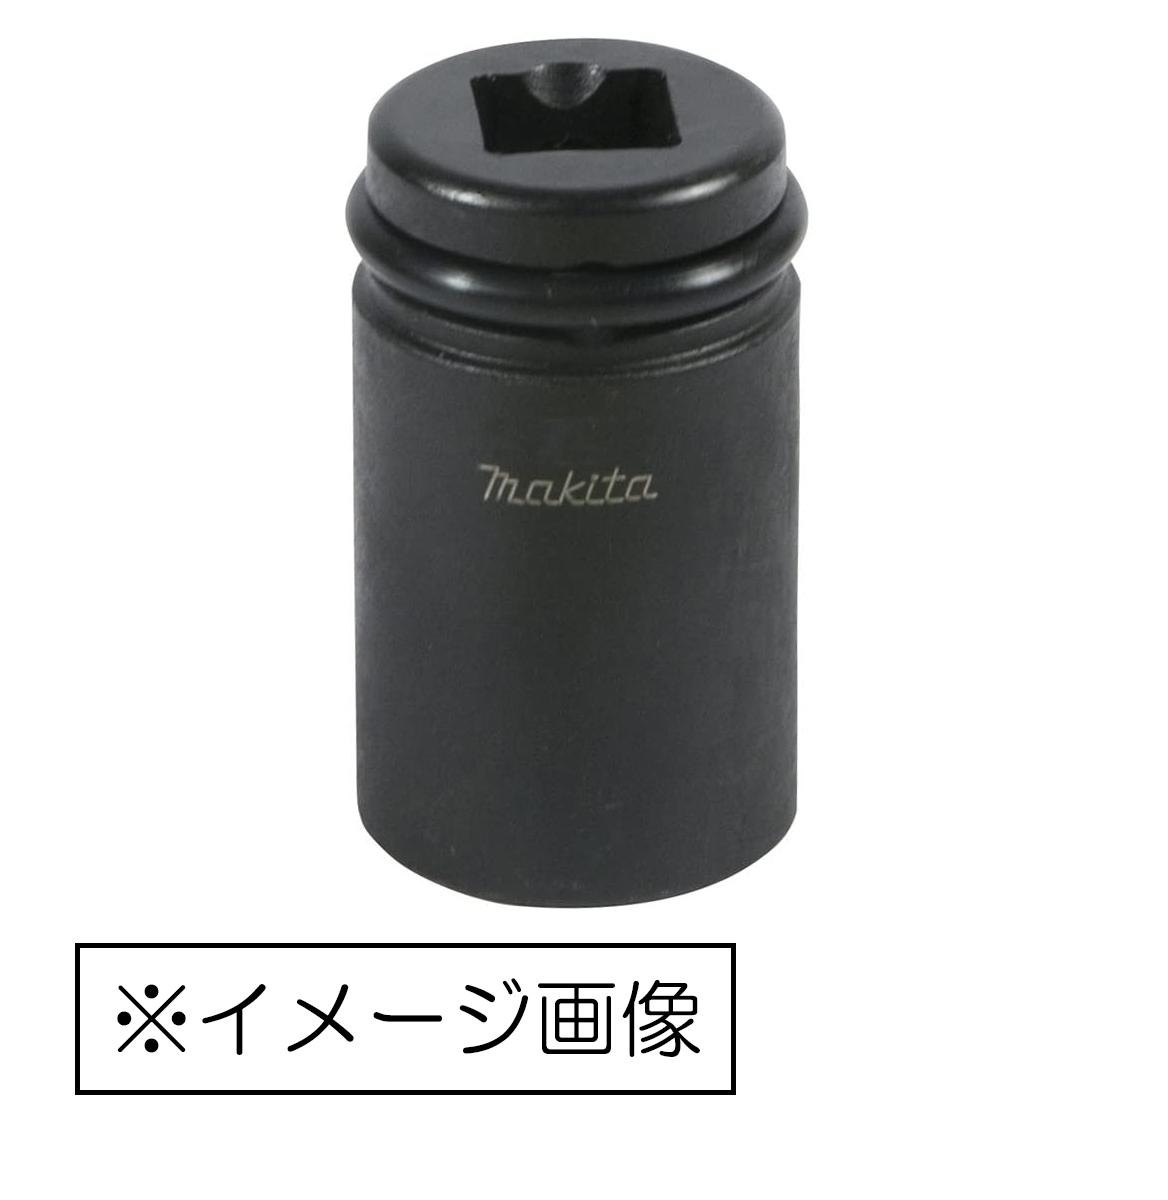 マキタ インパクトレンチ用六角ソケット 未使用品 毎日激安特売で 営業中です A-43290 角ドライブ 12.7mm sq 21-150mm